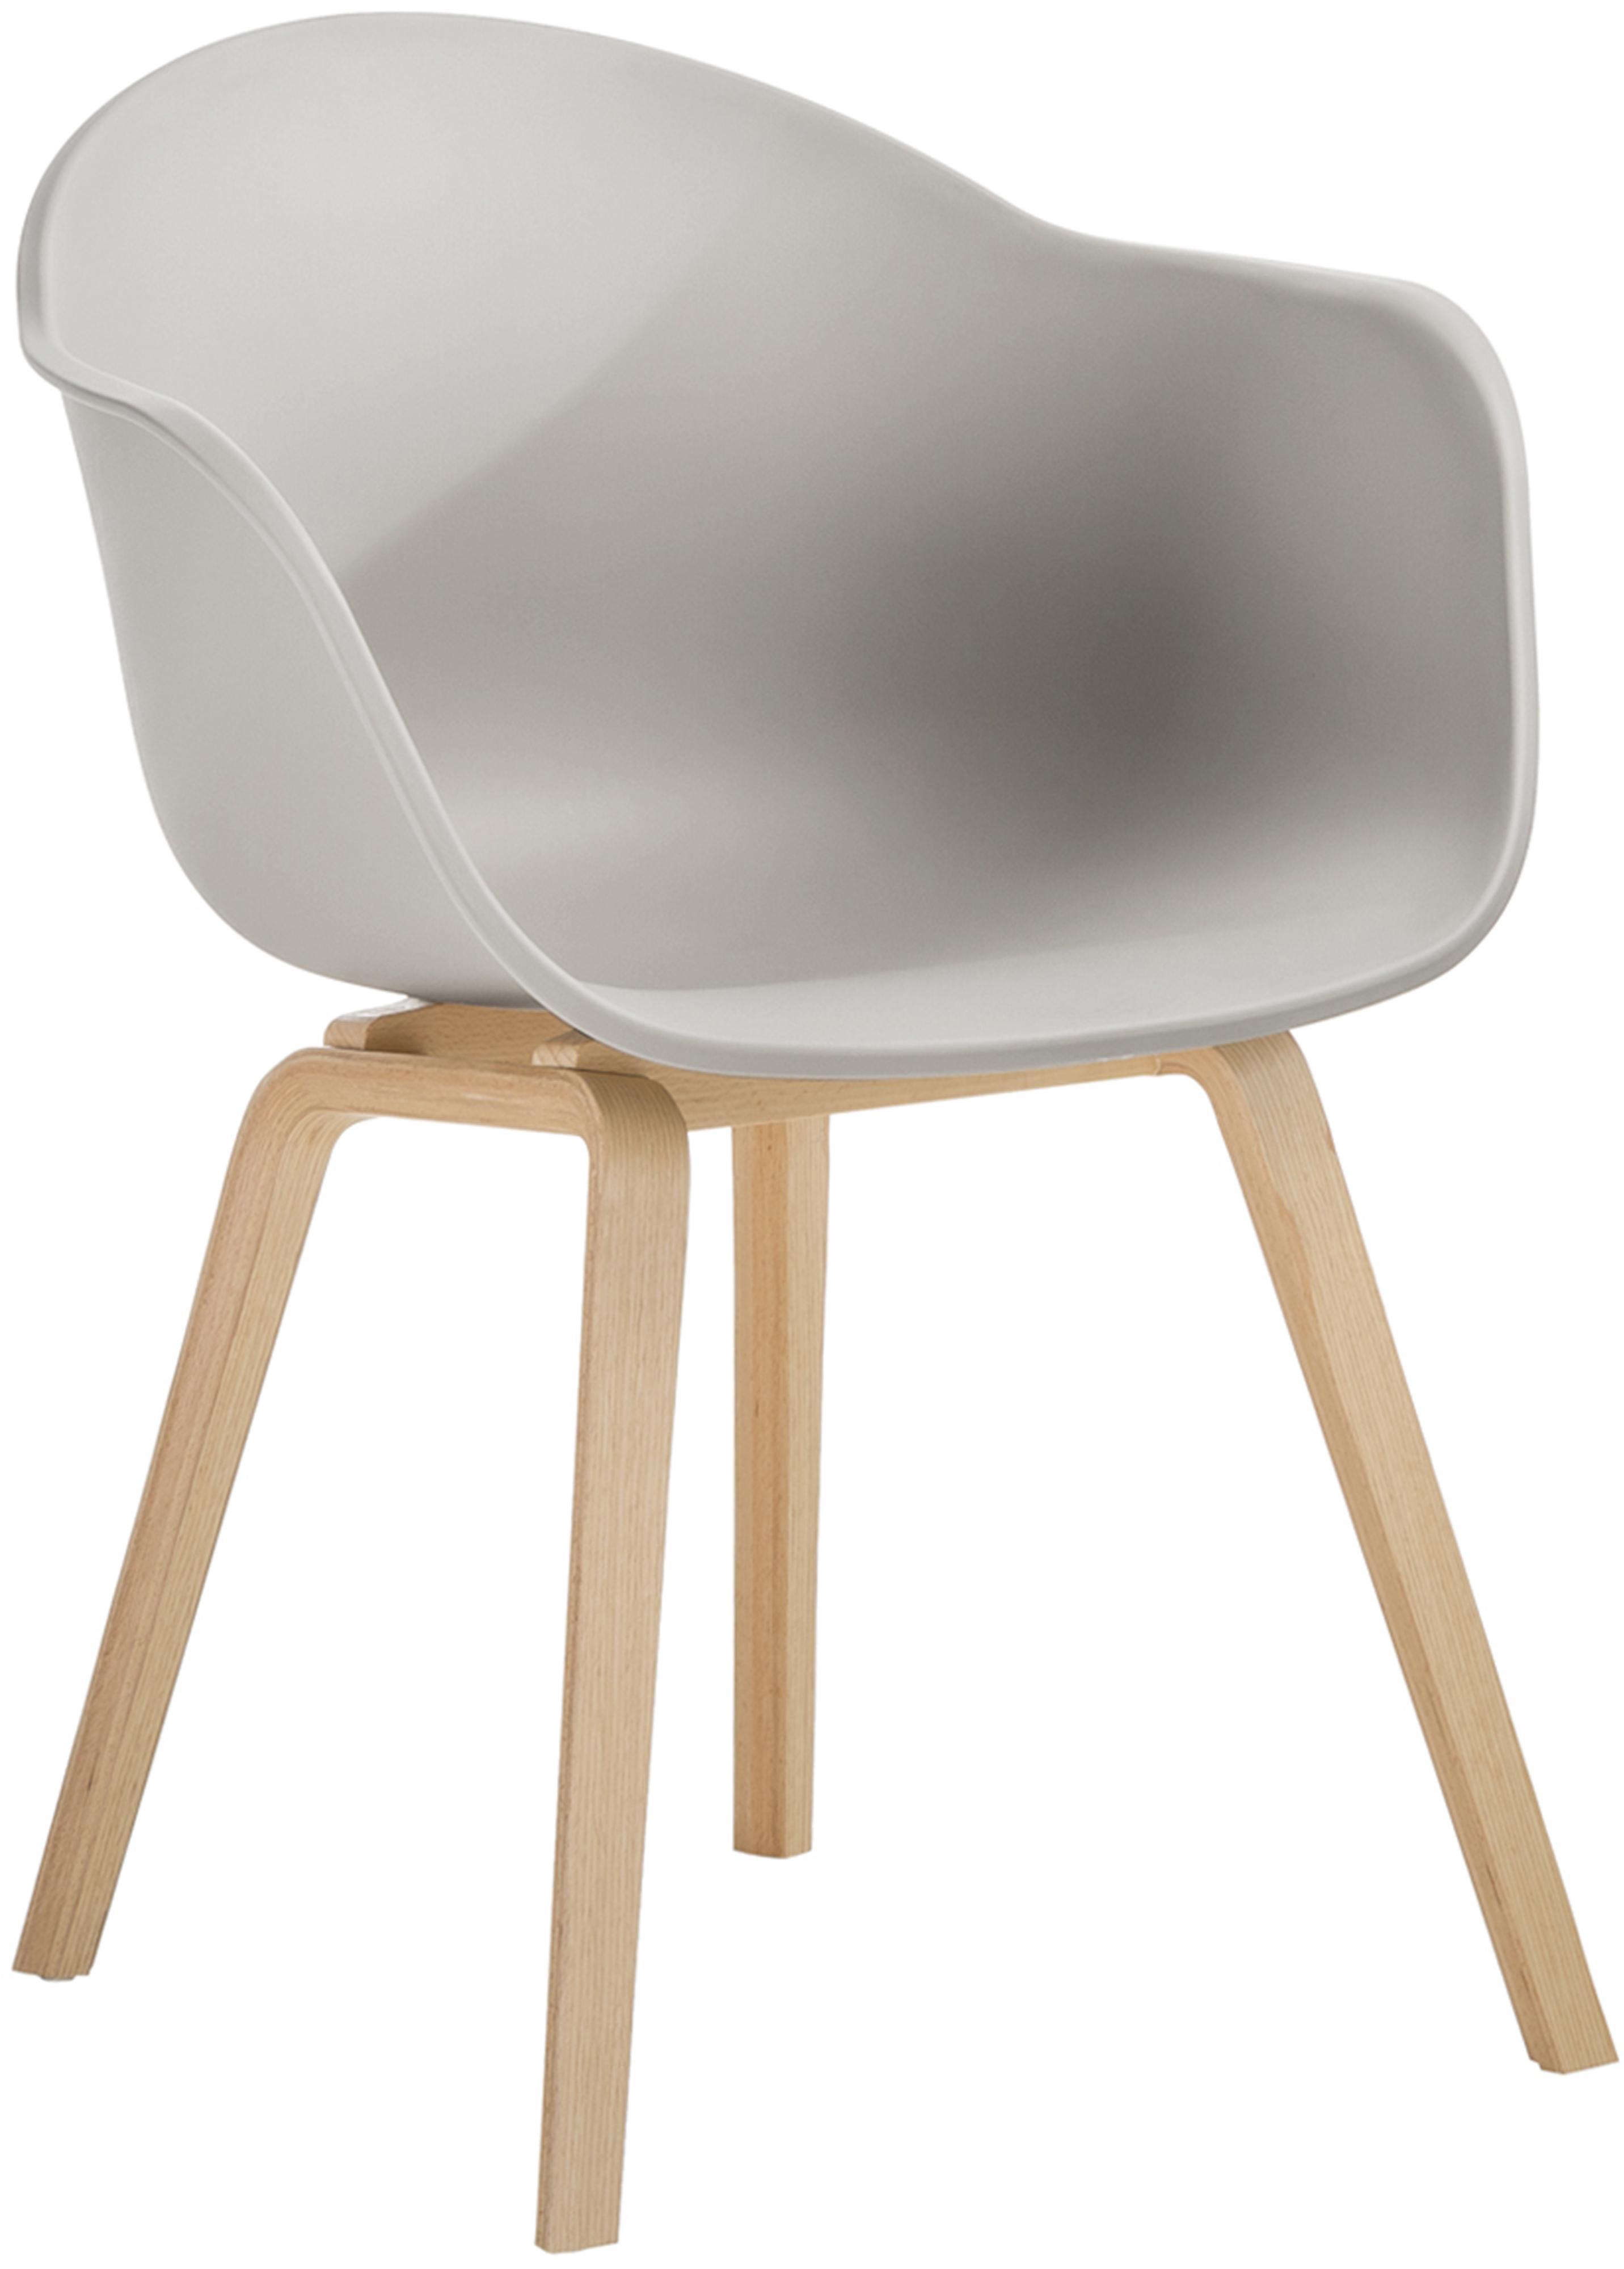 Sedia con braccioli e gambe in legno Claire, Seduta: materiale sintetico, Gambe: legno di faggio, Seduta: grigio beige Gambe: legno di faggio, Larg. 61 x Prof. 58 cm